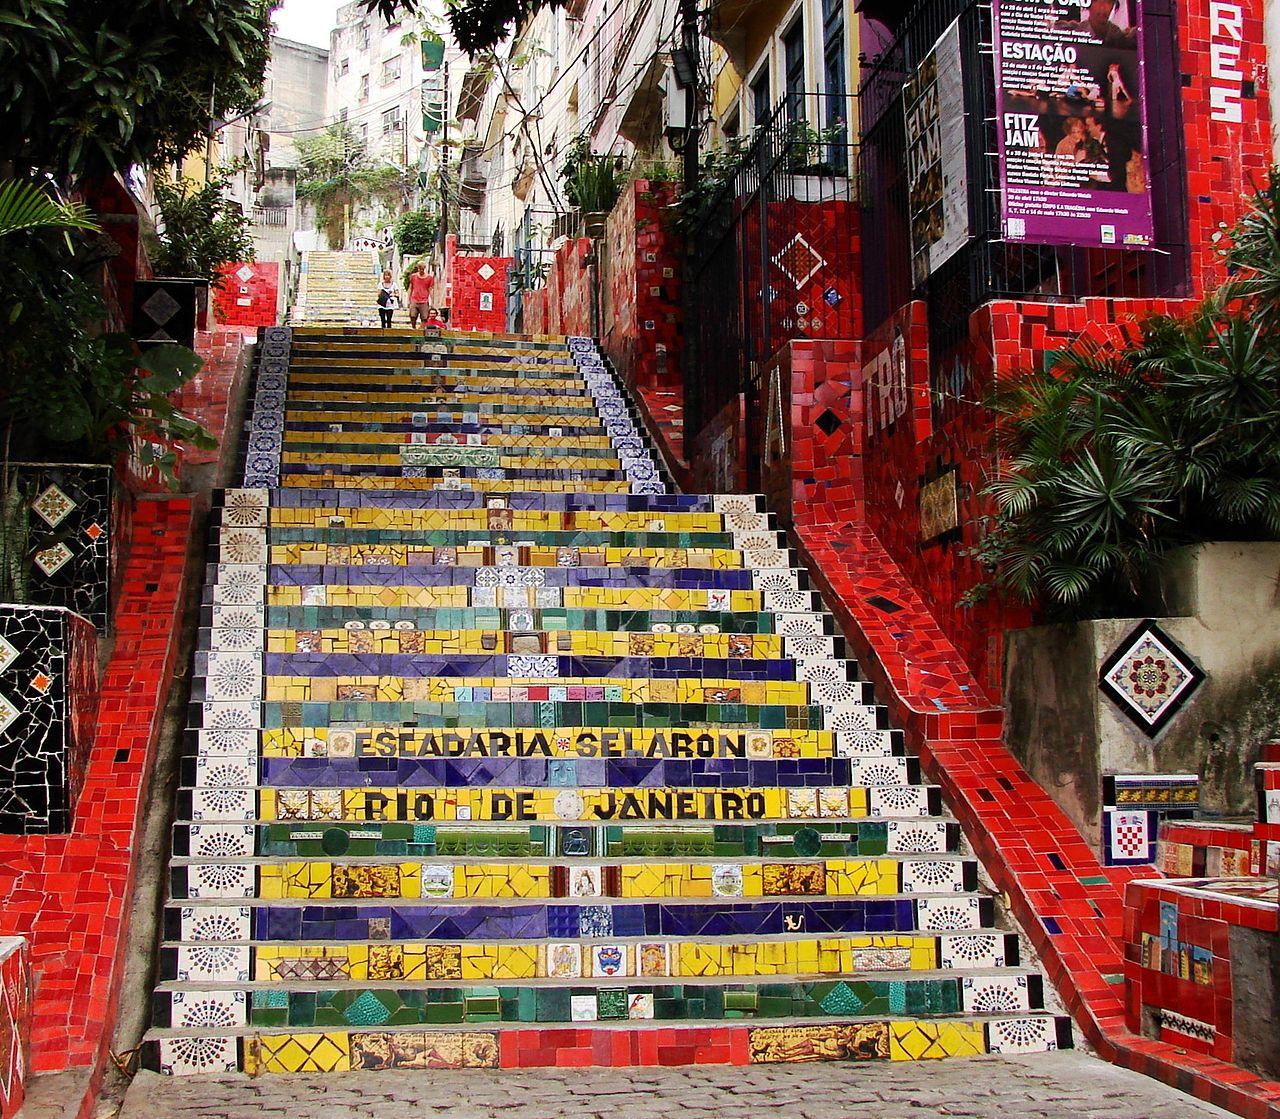 Selaron_Stairs,_Rio_de_Janeiro,_Brasil.jpg